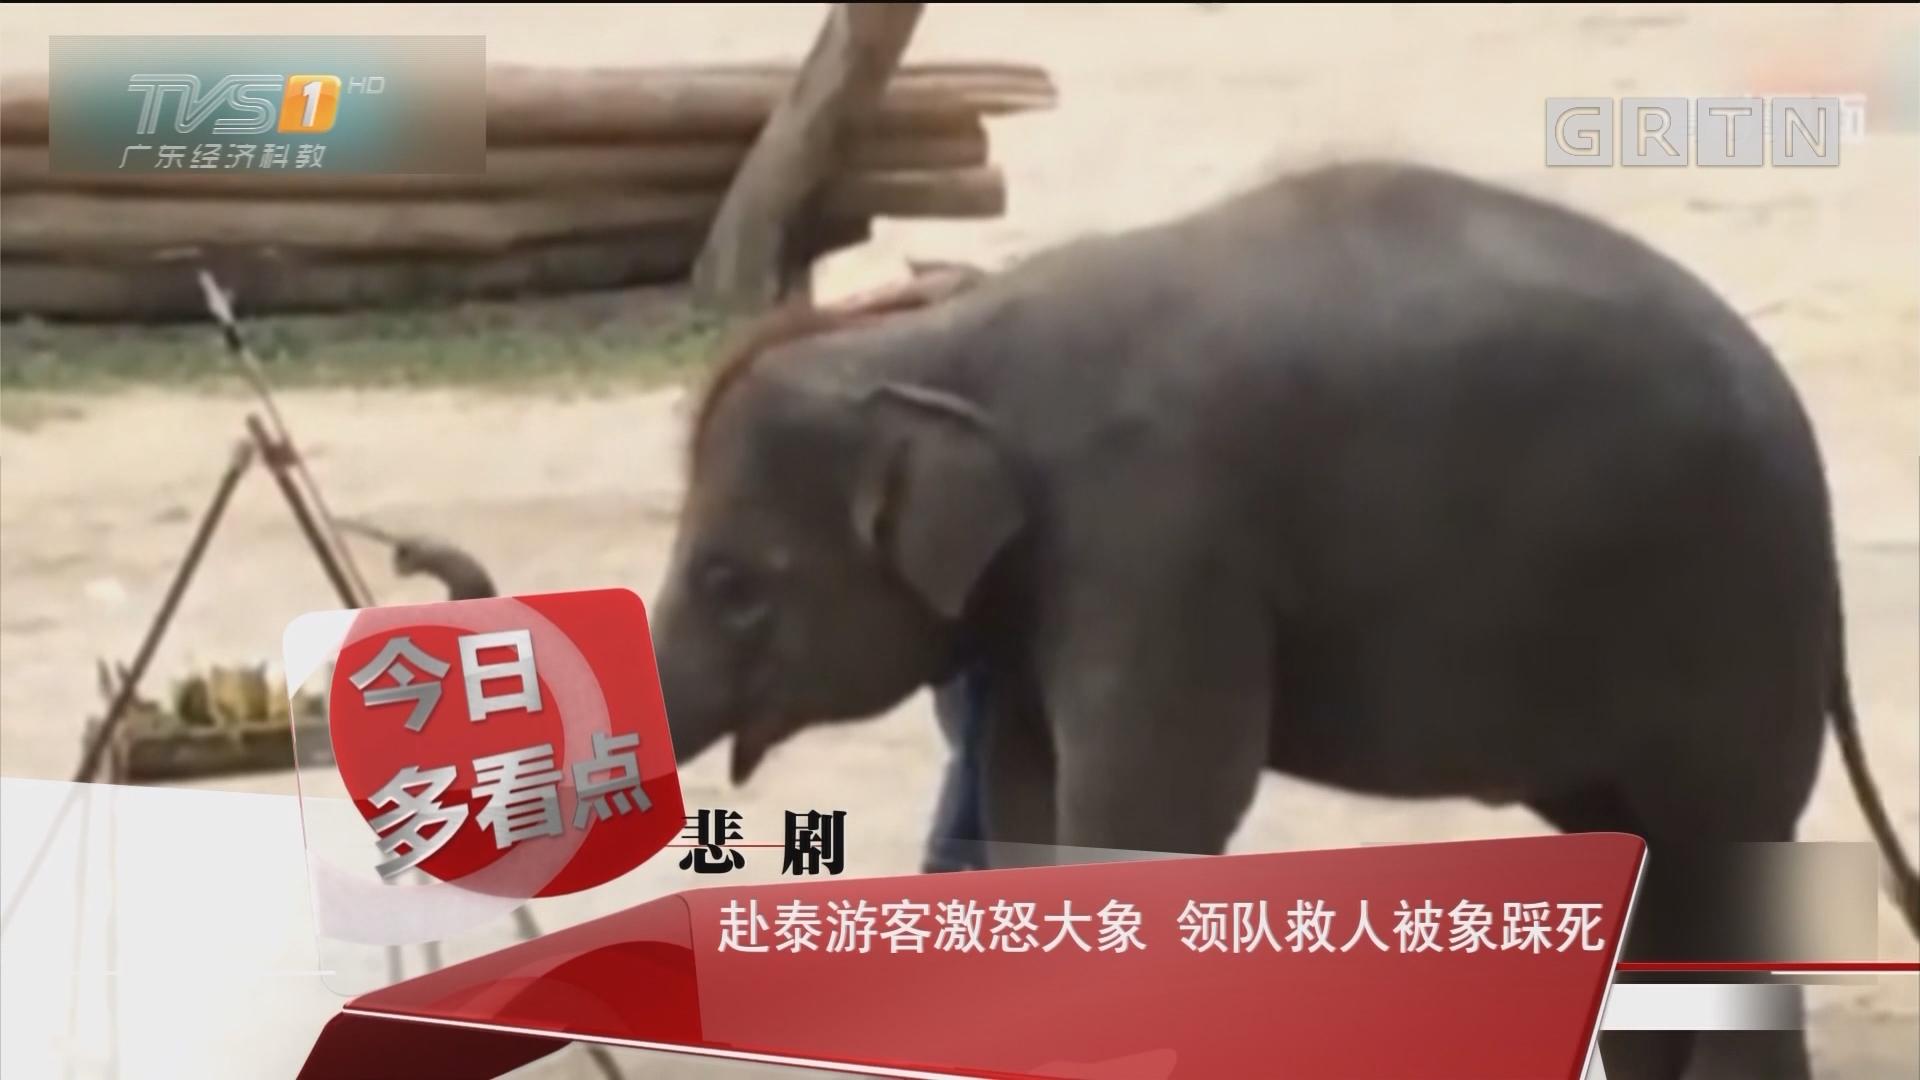 悲剧:赴泰游客激怒大象 领队救人被象踩死